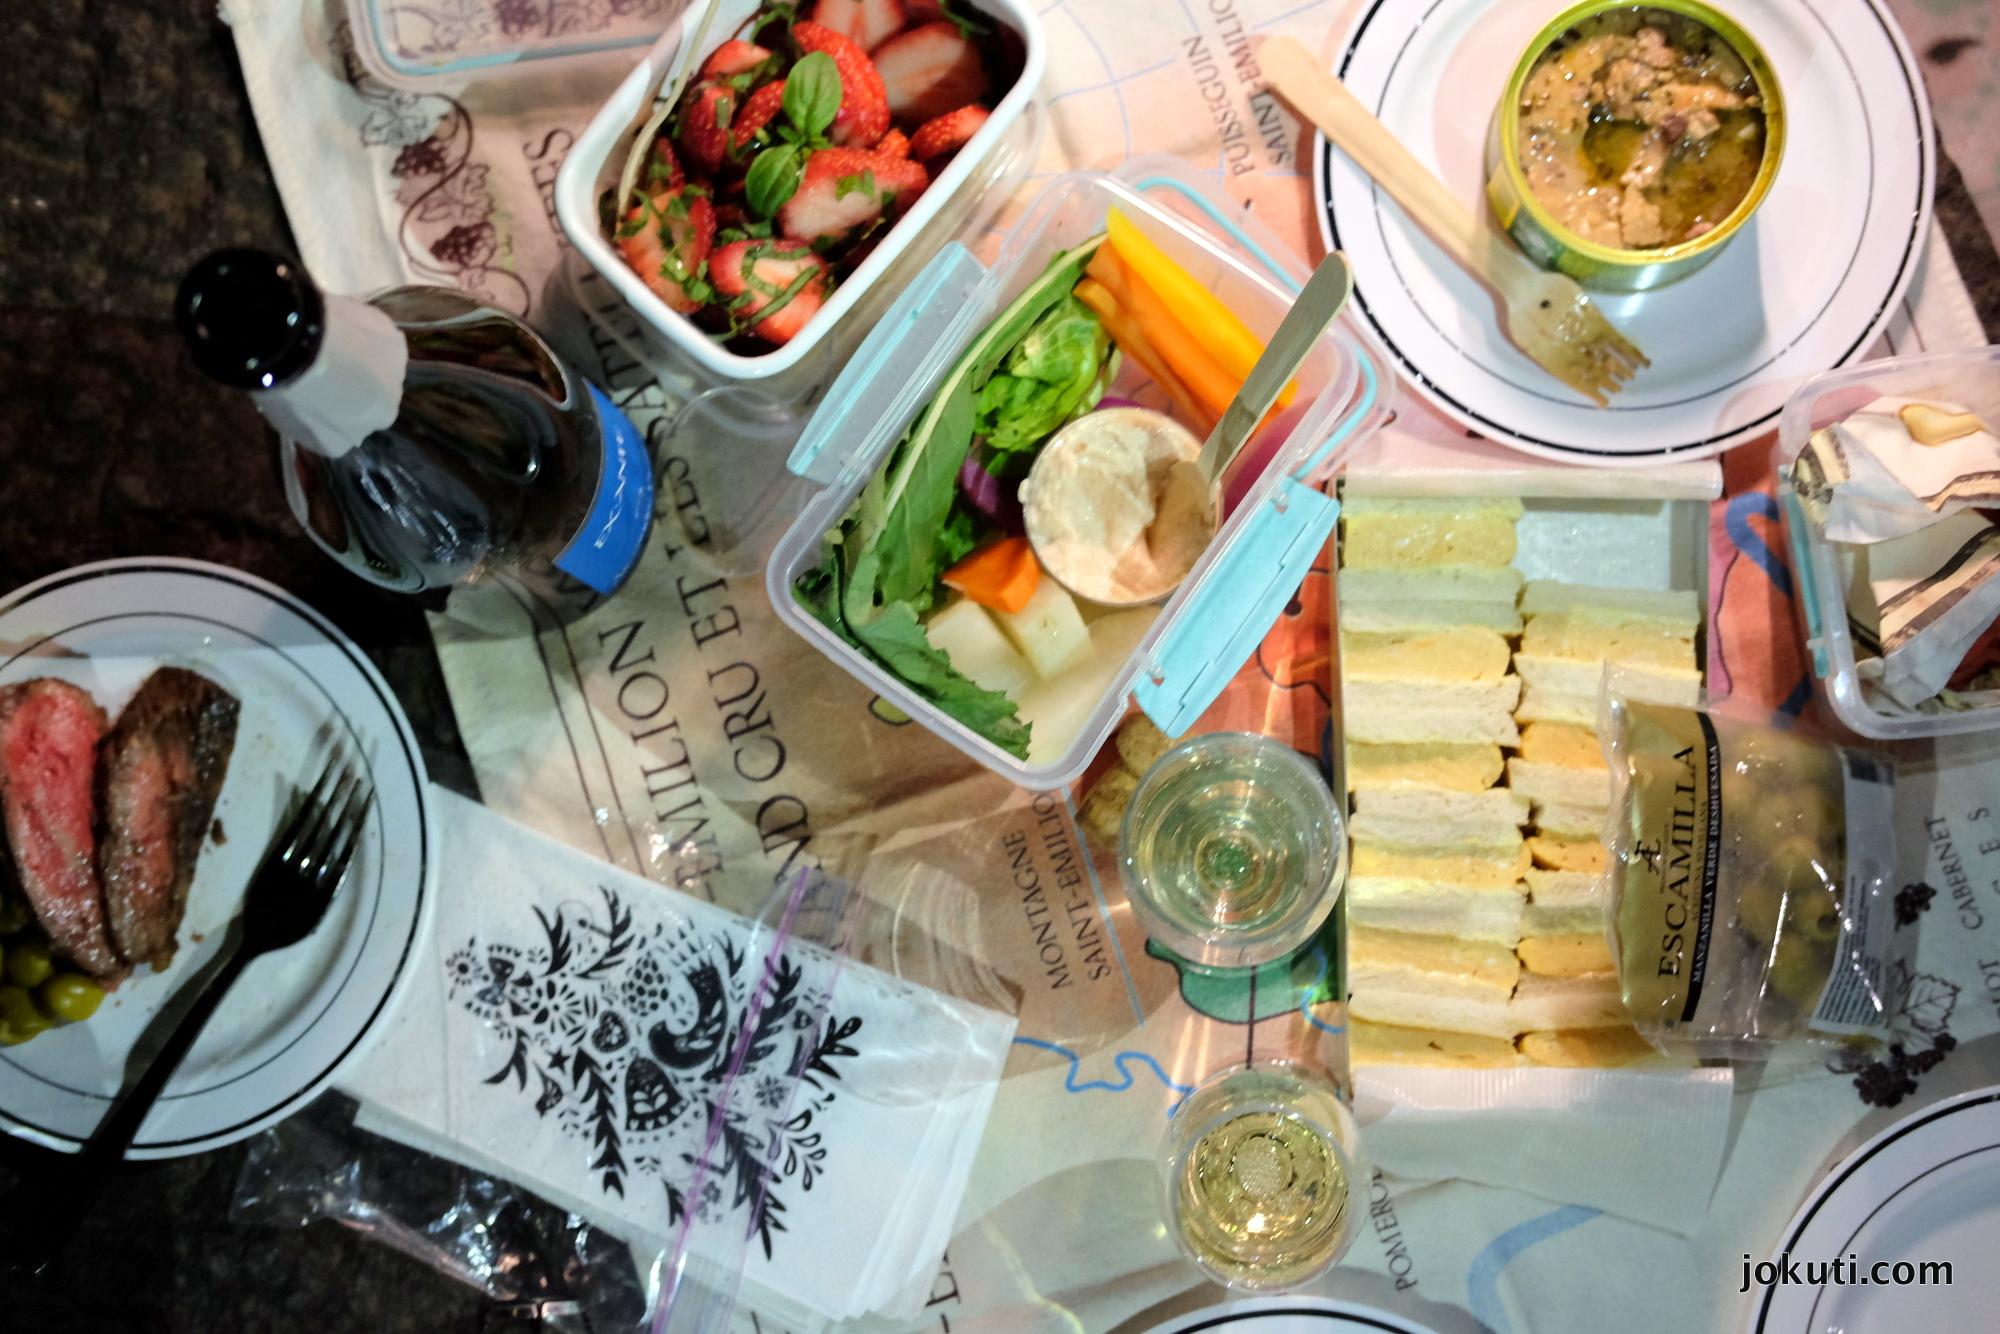 hibiya_picnic_jokuti_vilagevo.JPG